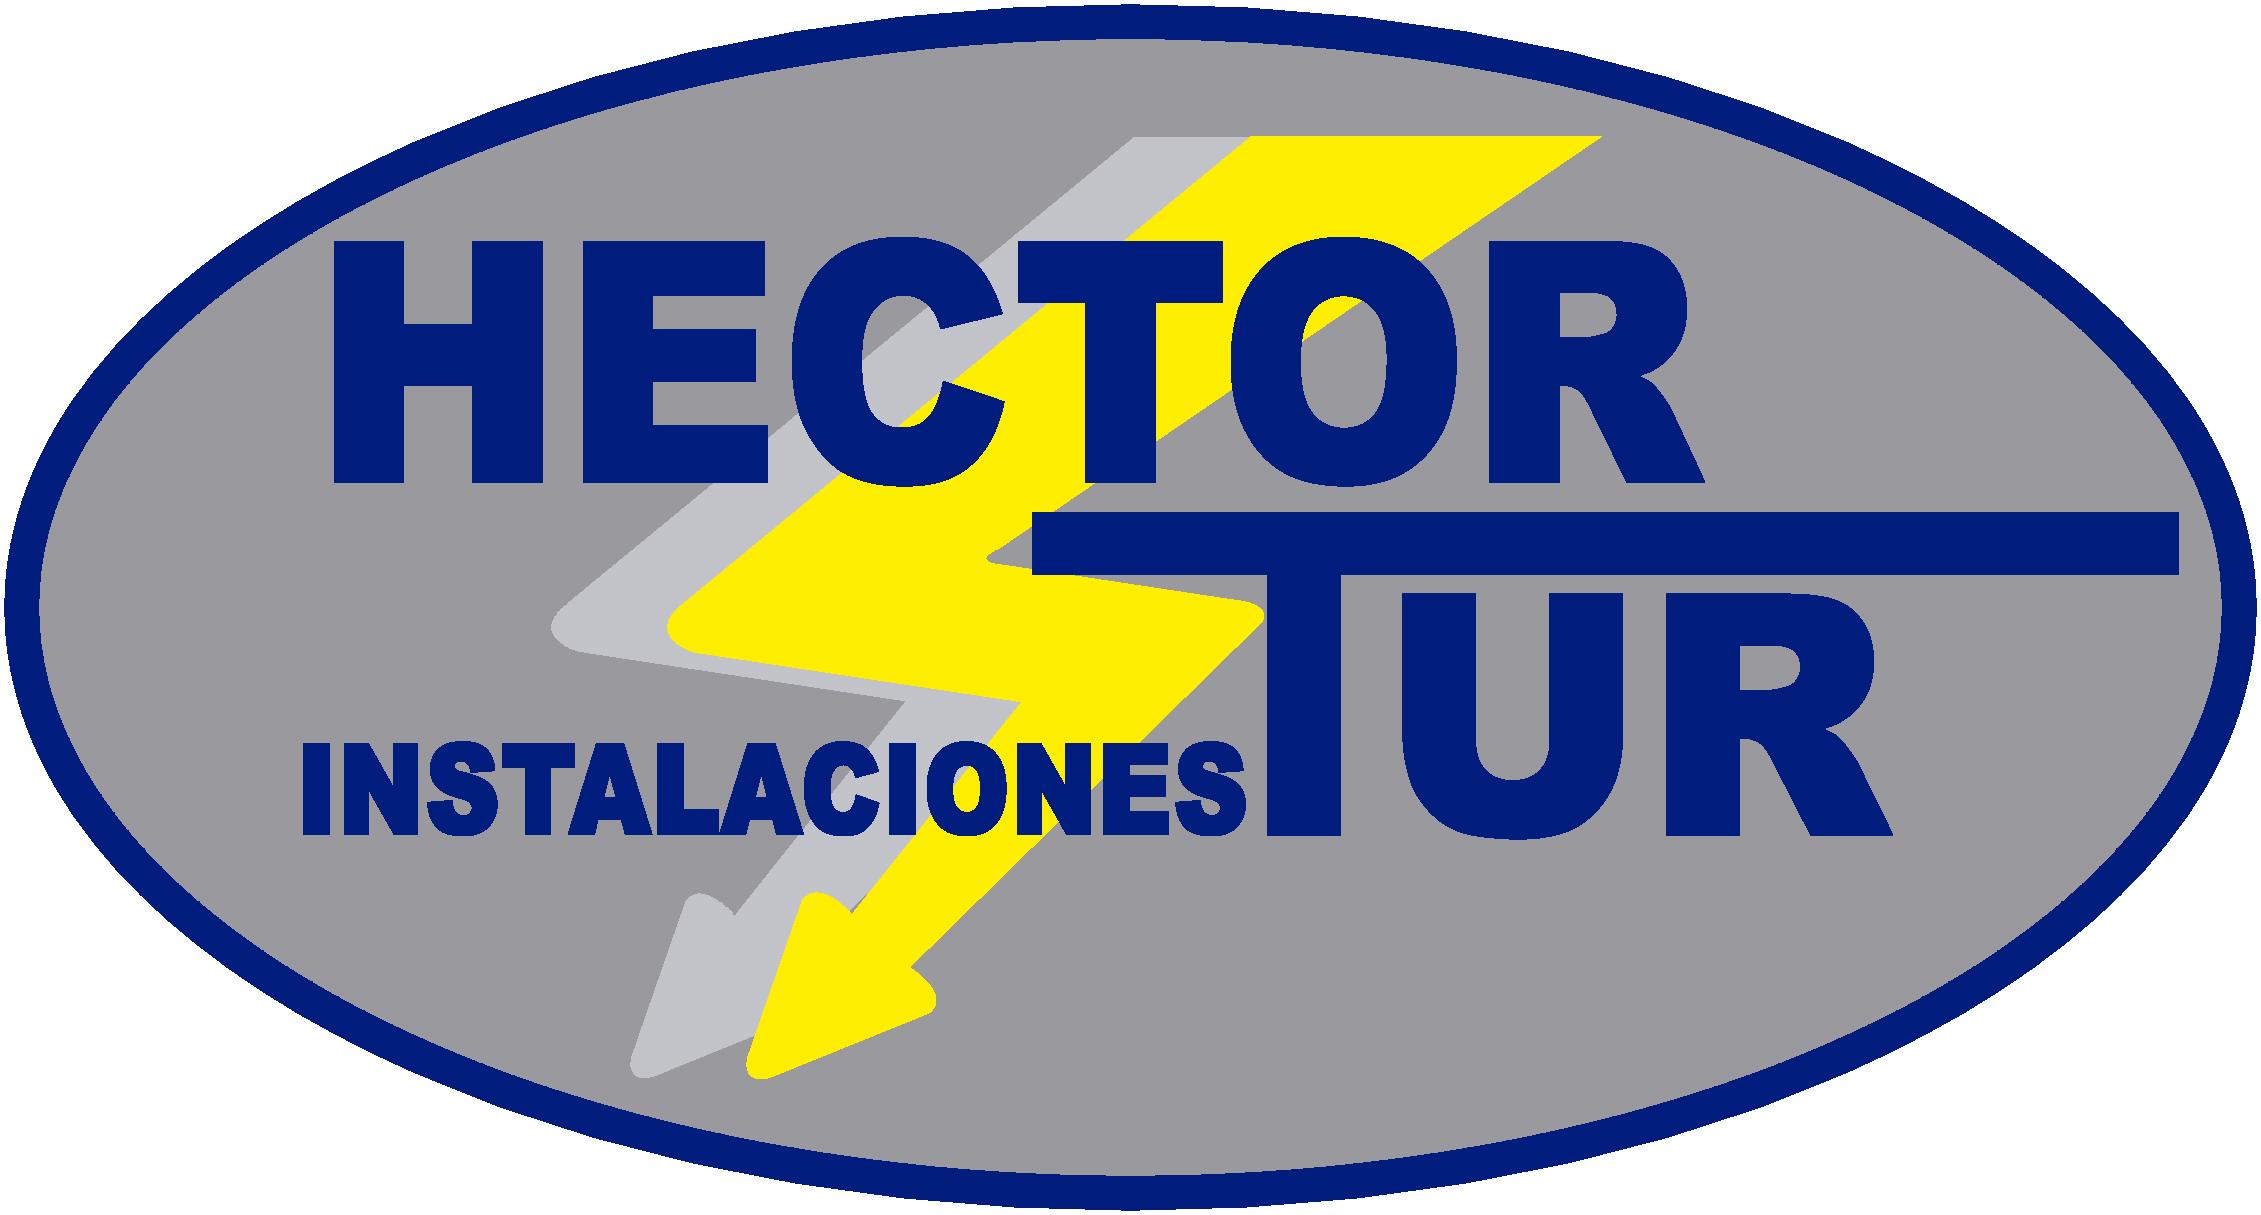 Héctor Tur Instalaciones